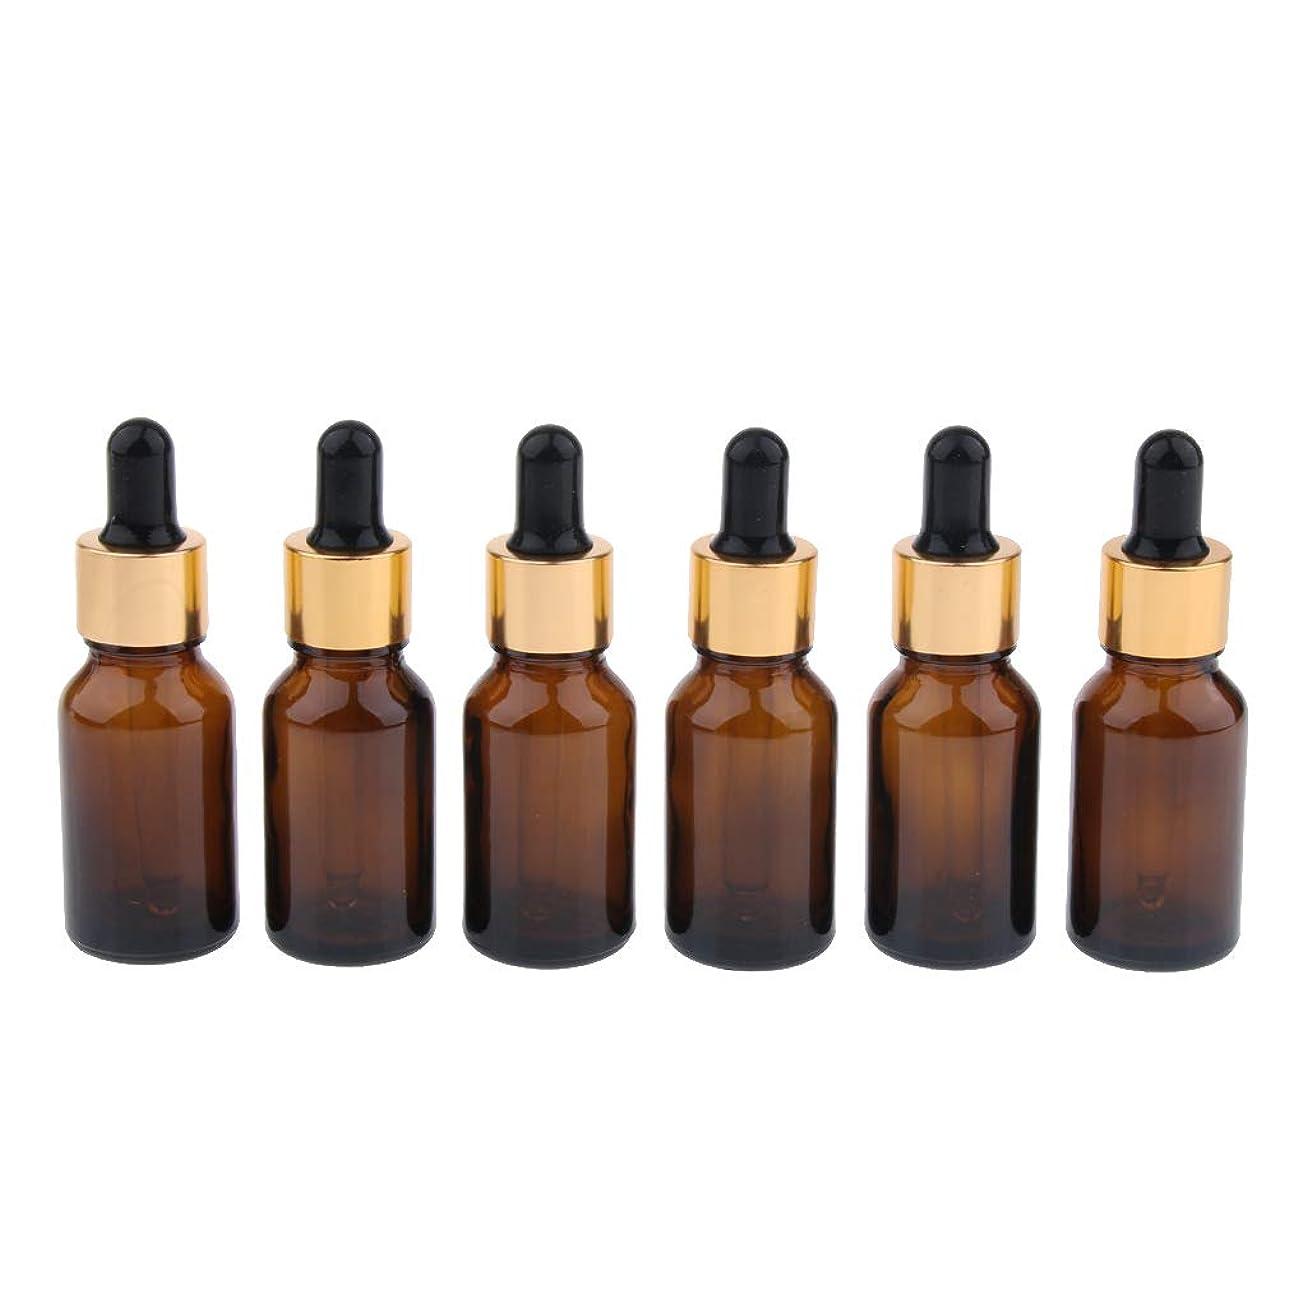 かわす程度トークンIPOTCH 6本 遮光ビン 精油瓶 香水瓶 空ボトル スポイト ガラス 詰め替え マルチ容量 - 15ml